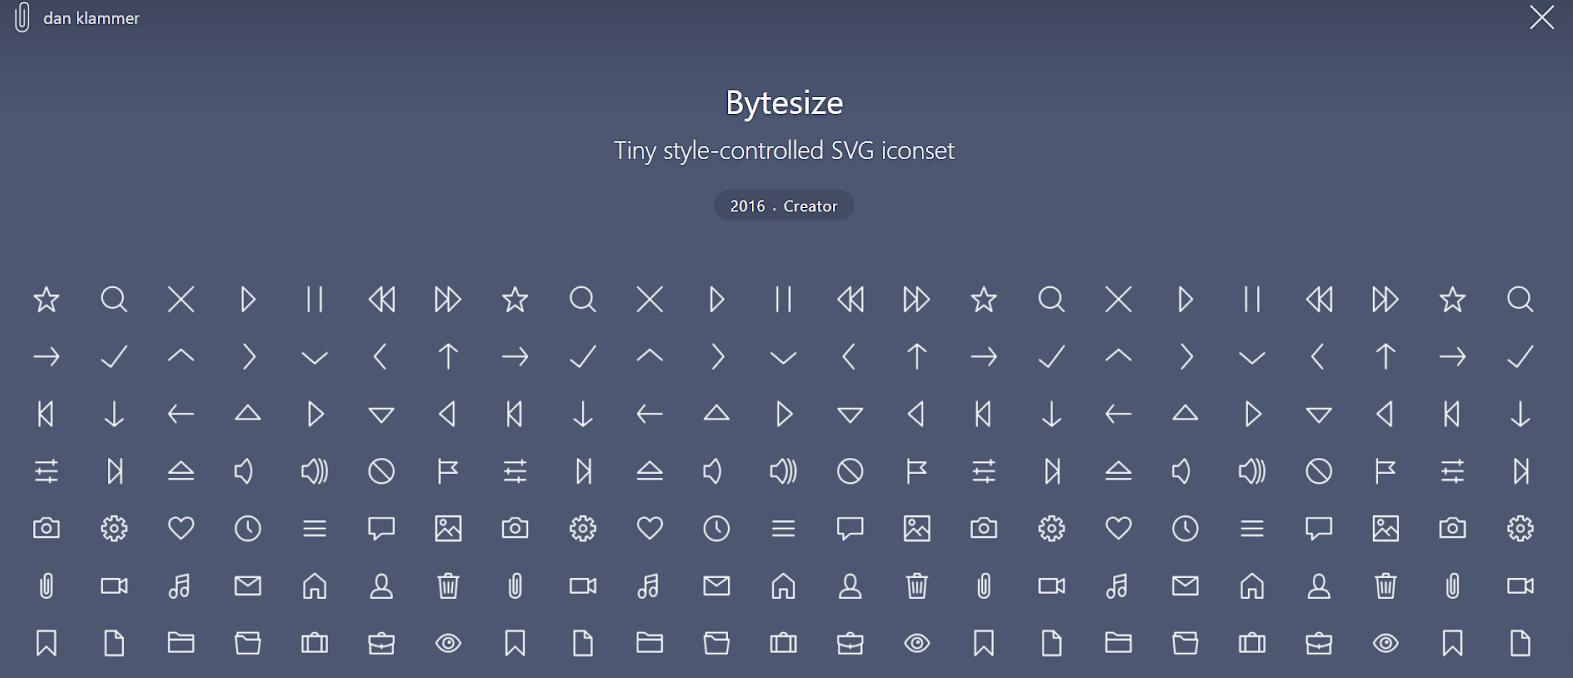 icon fonts: Bytesize